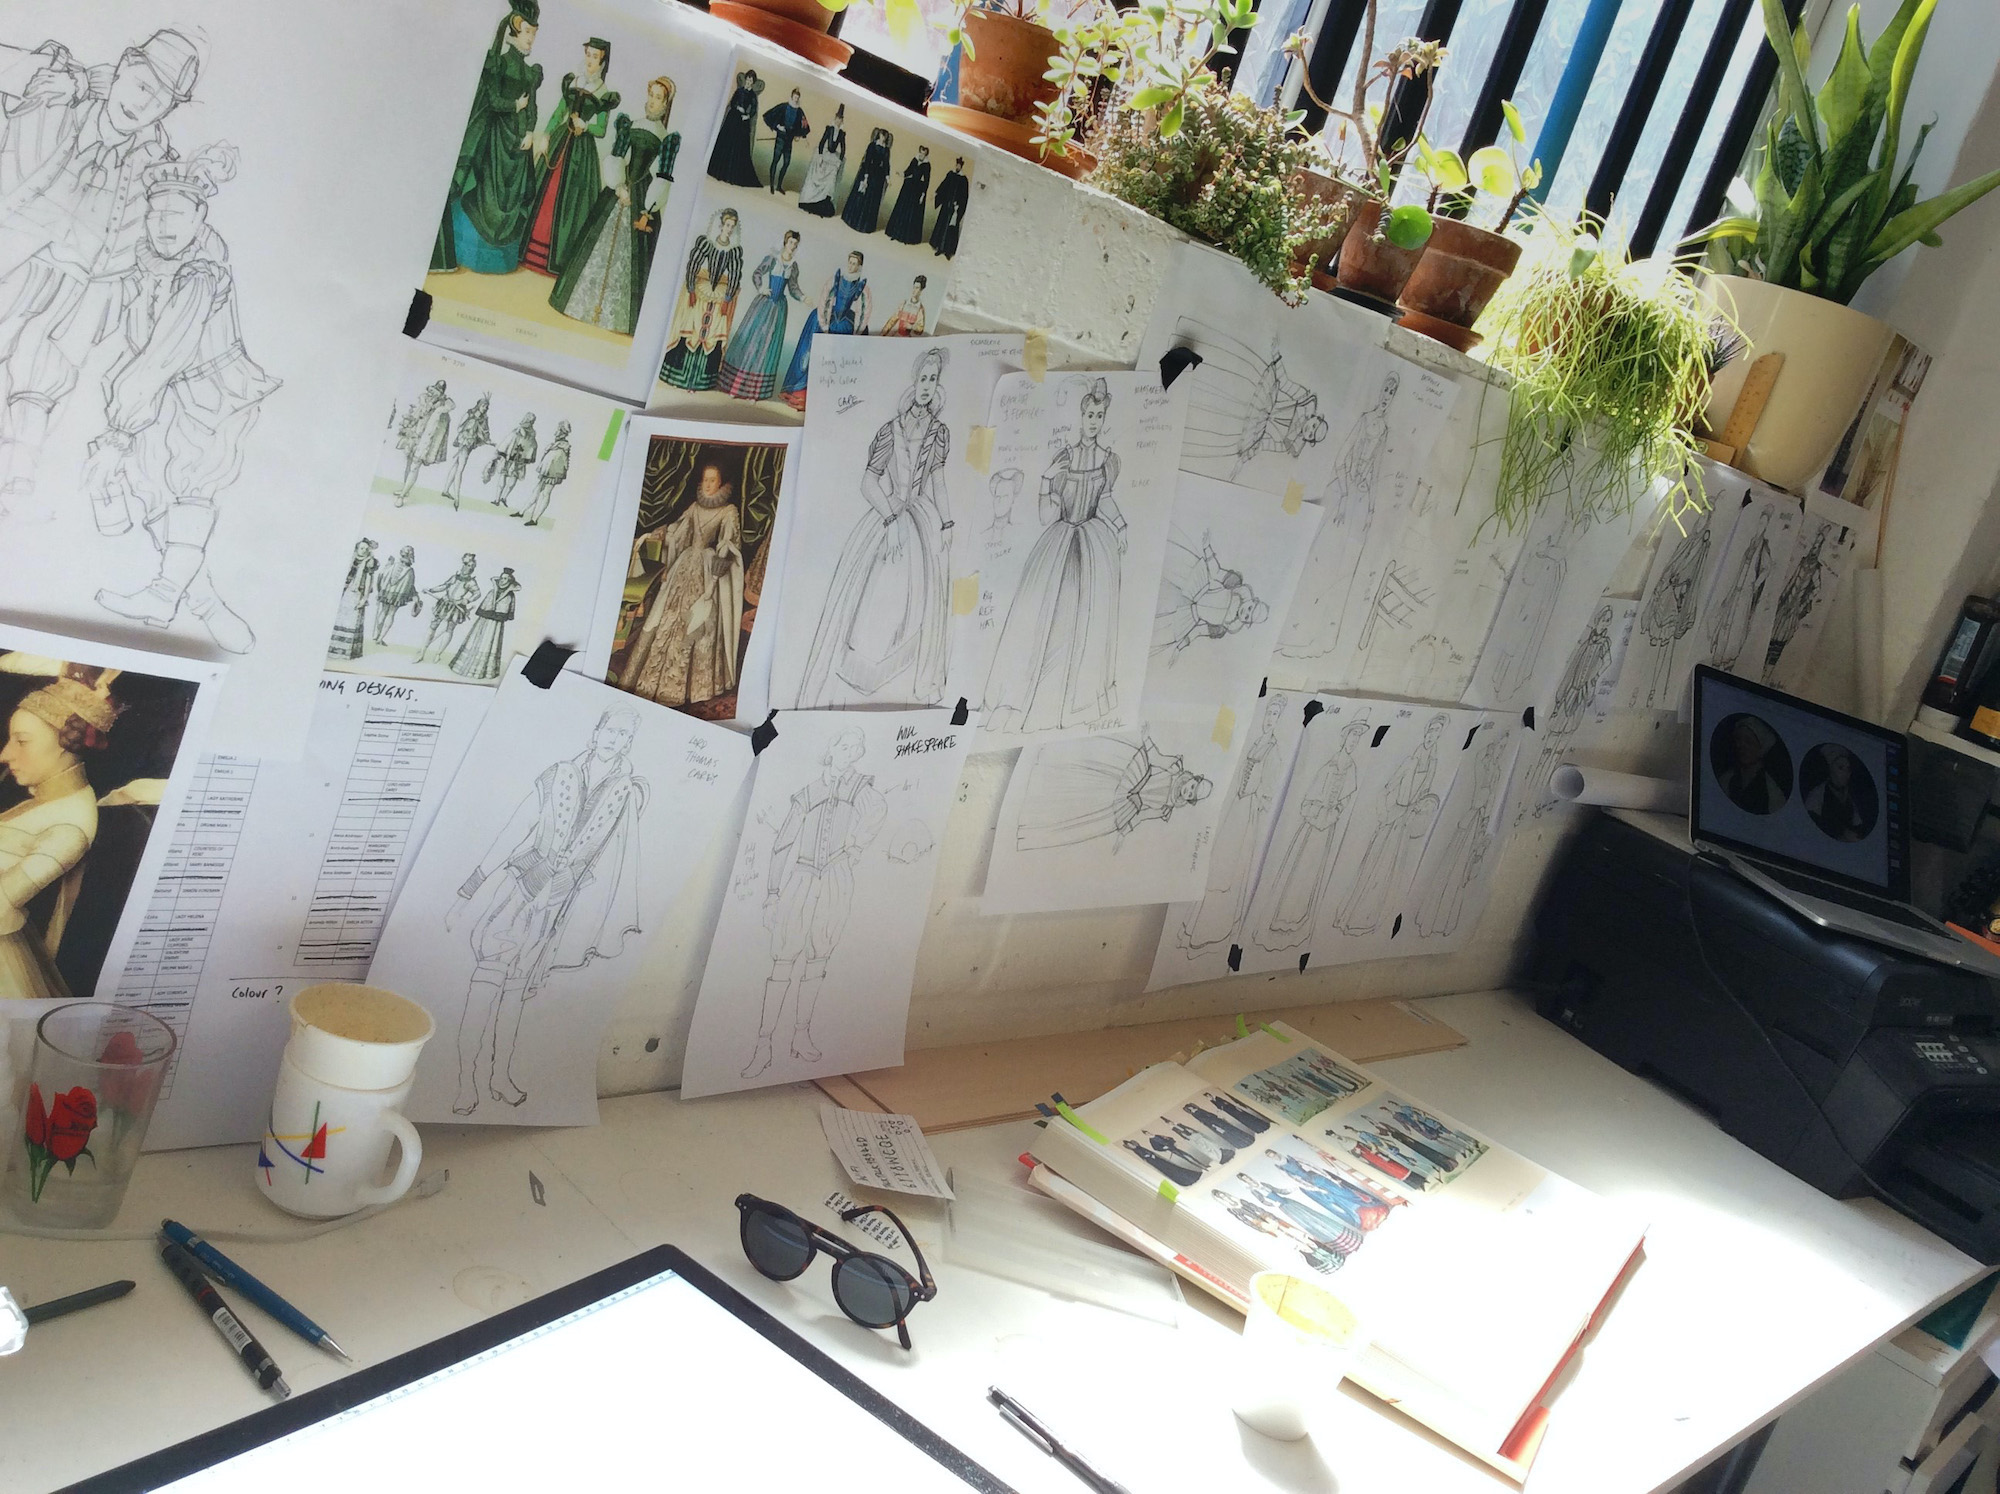 A photo of a designer's desk shows sketches, a sketch book, a mug, a glass and pens